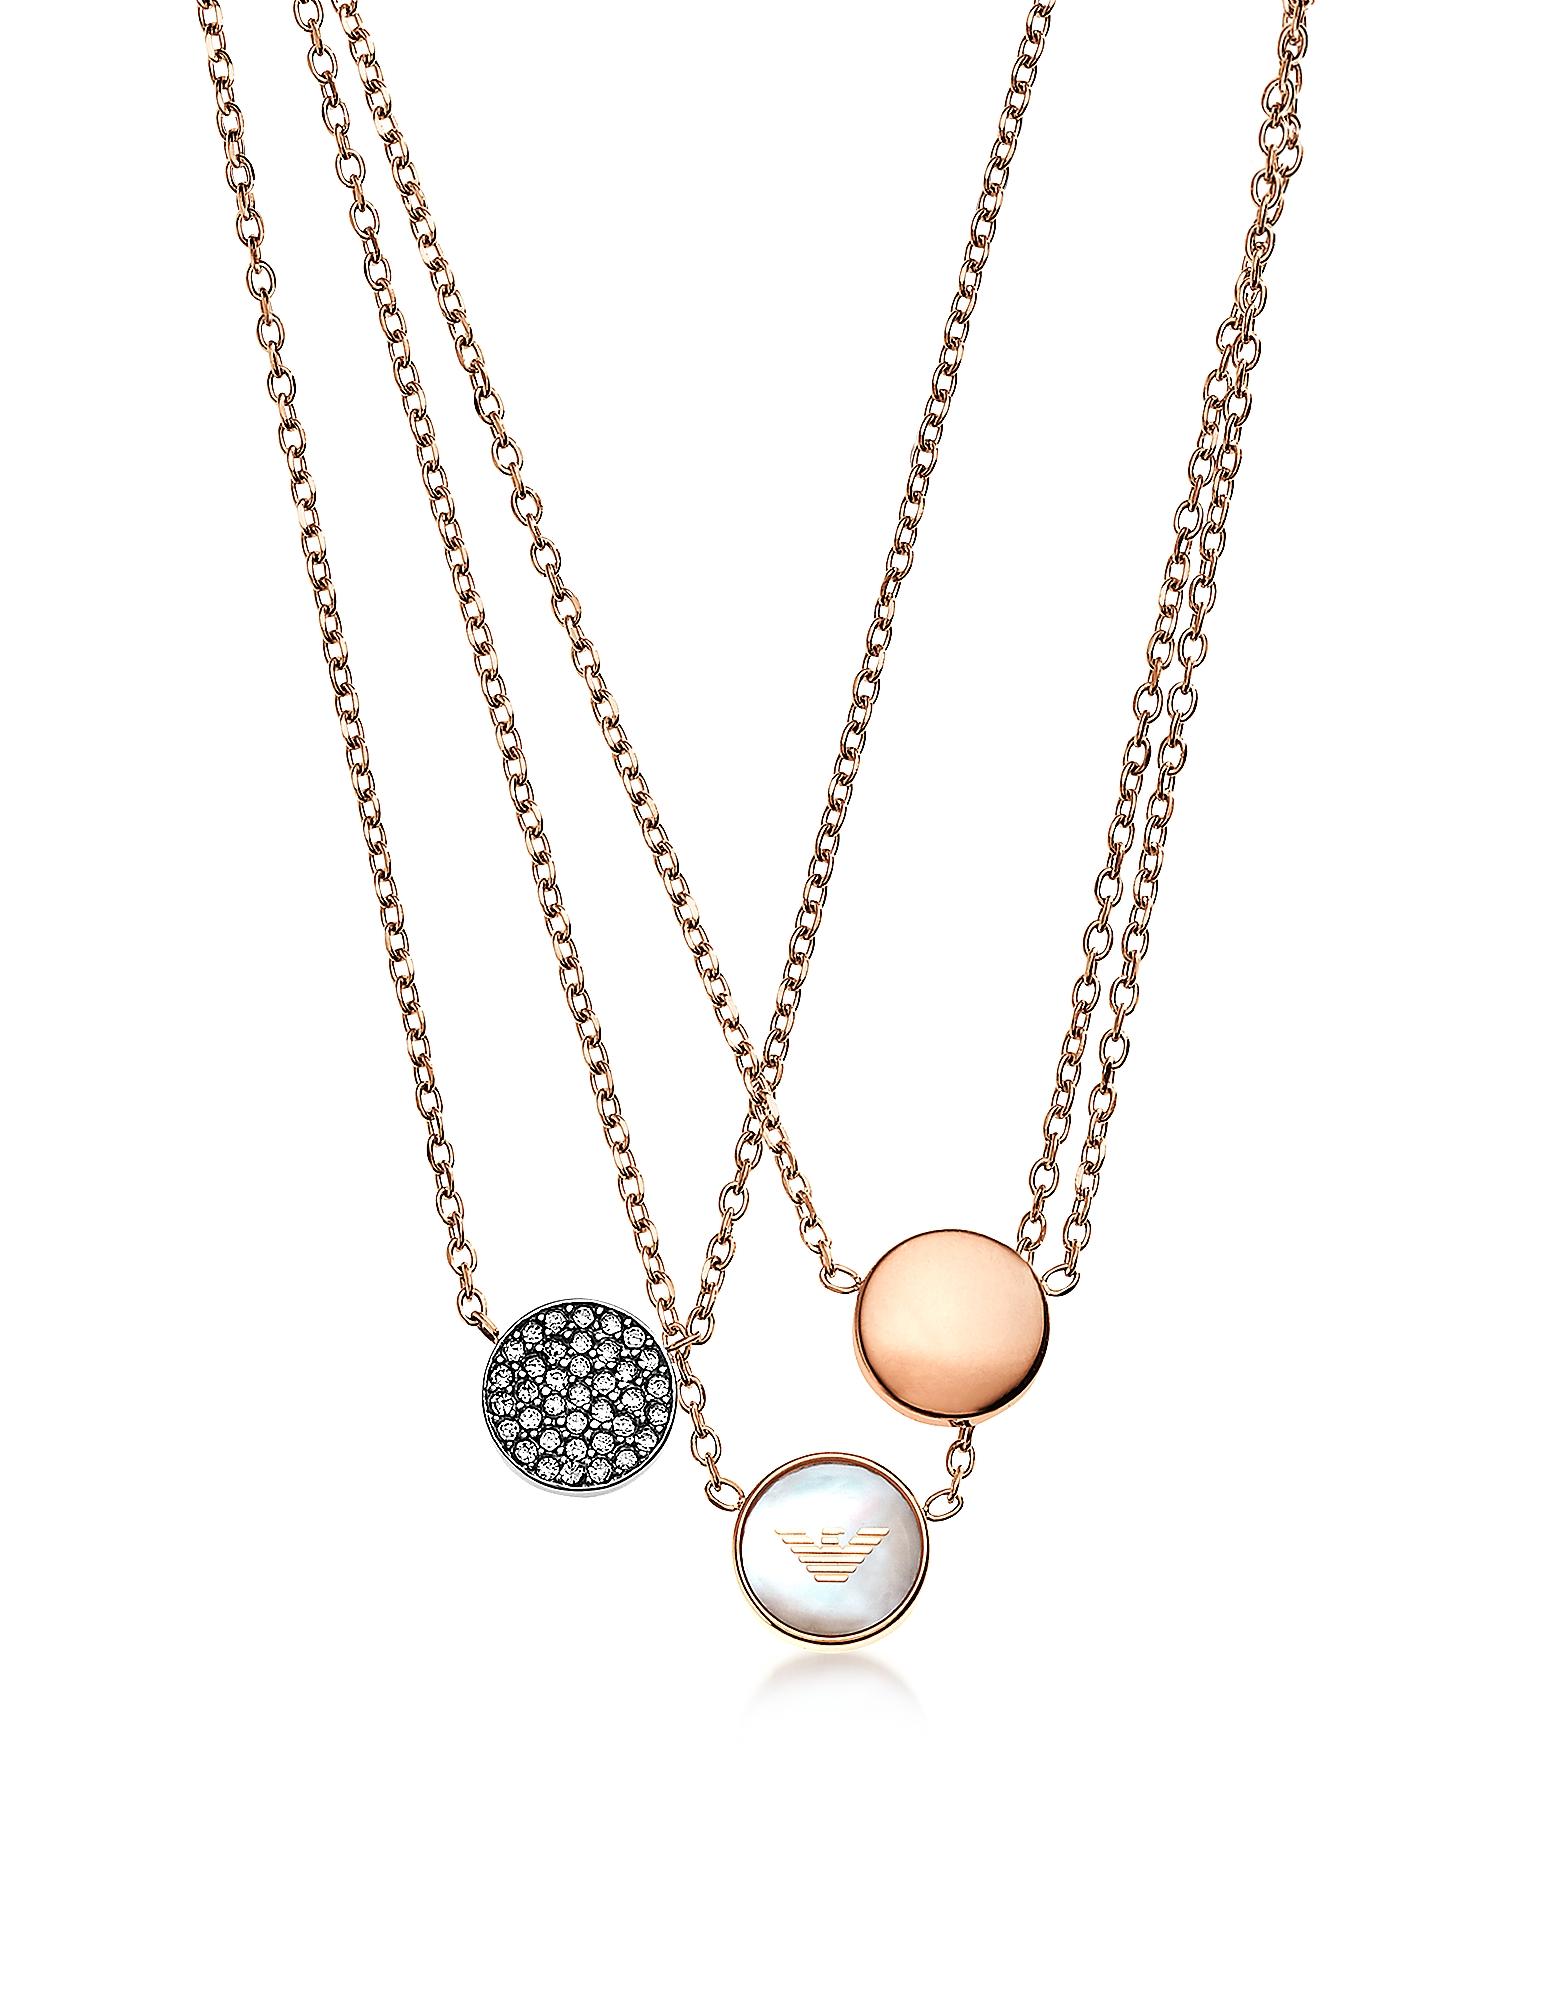 Фирменное Ожерелье Оттенка Розового Золота с Тремя Чармами